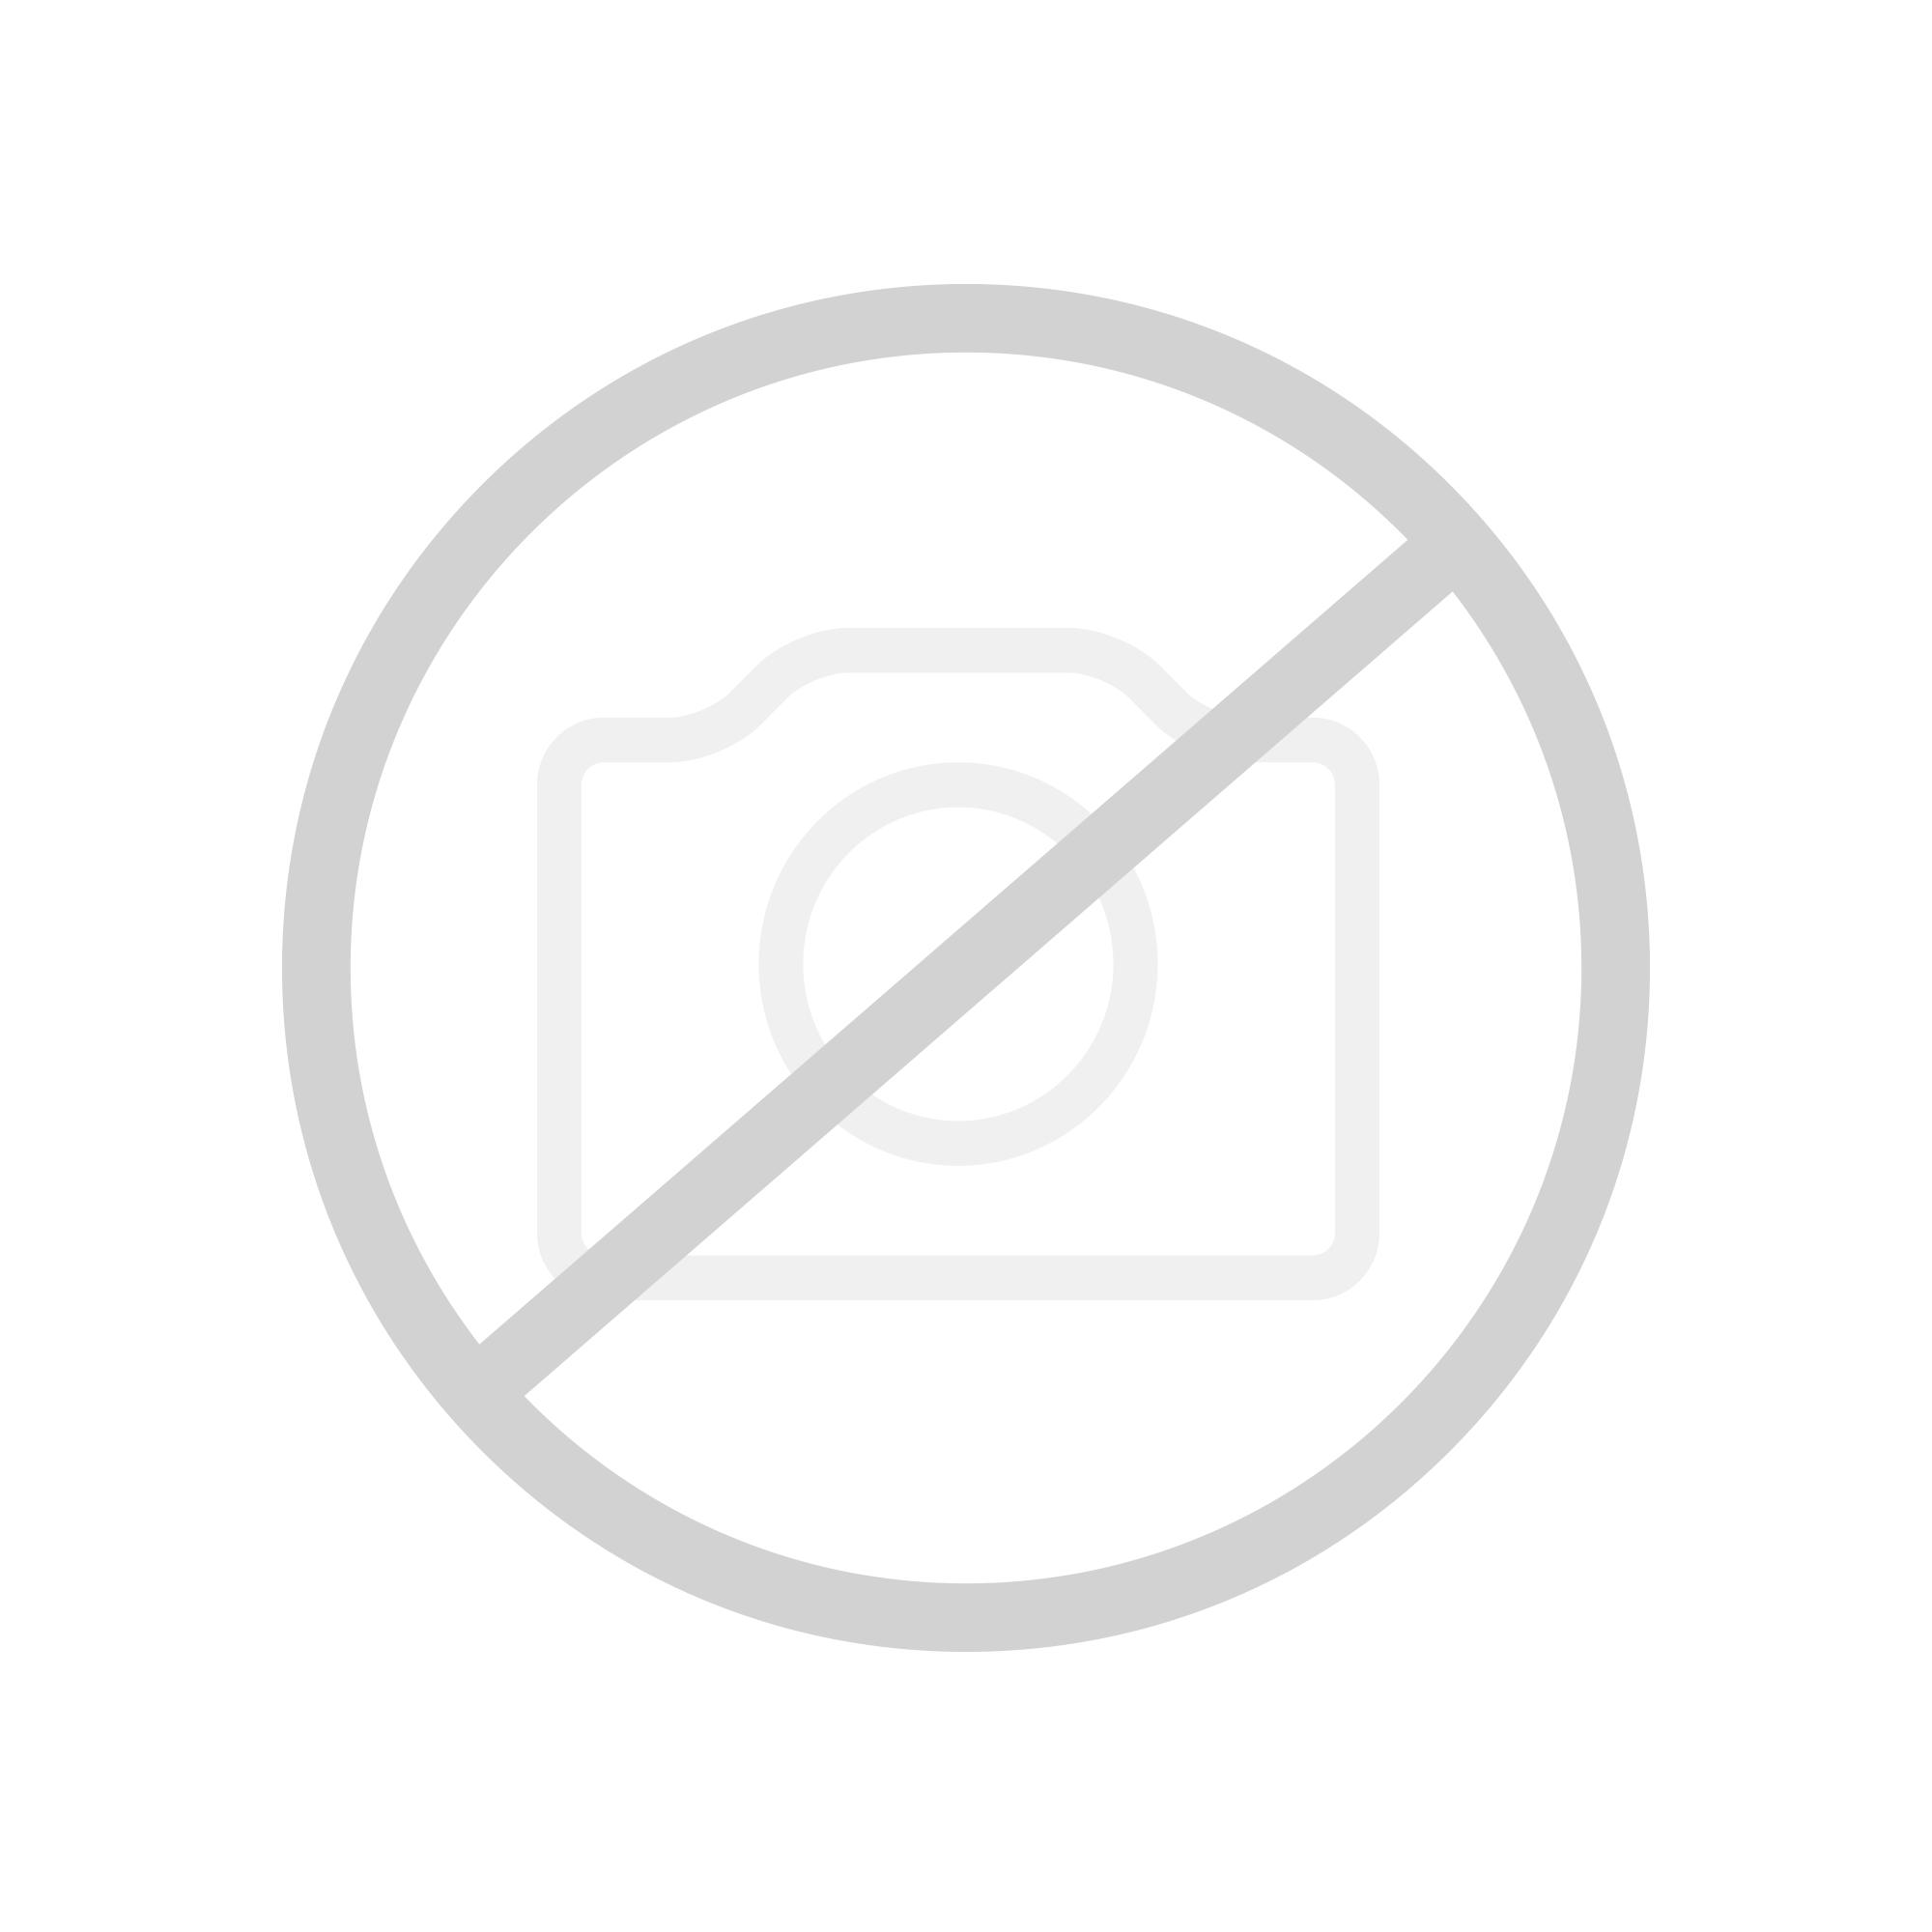 Keramag Renova Nr 1 Plan Waschtisch Weiß Mit Keratect Mit 1